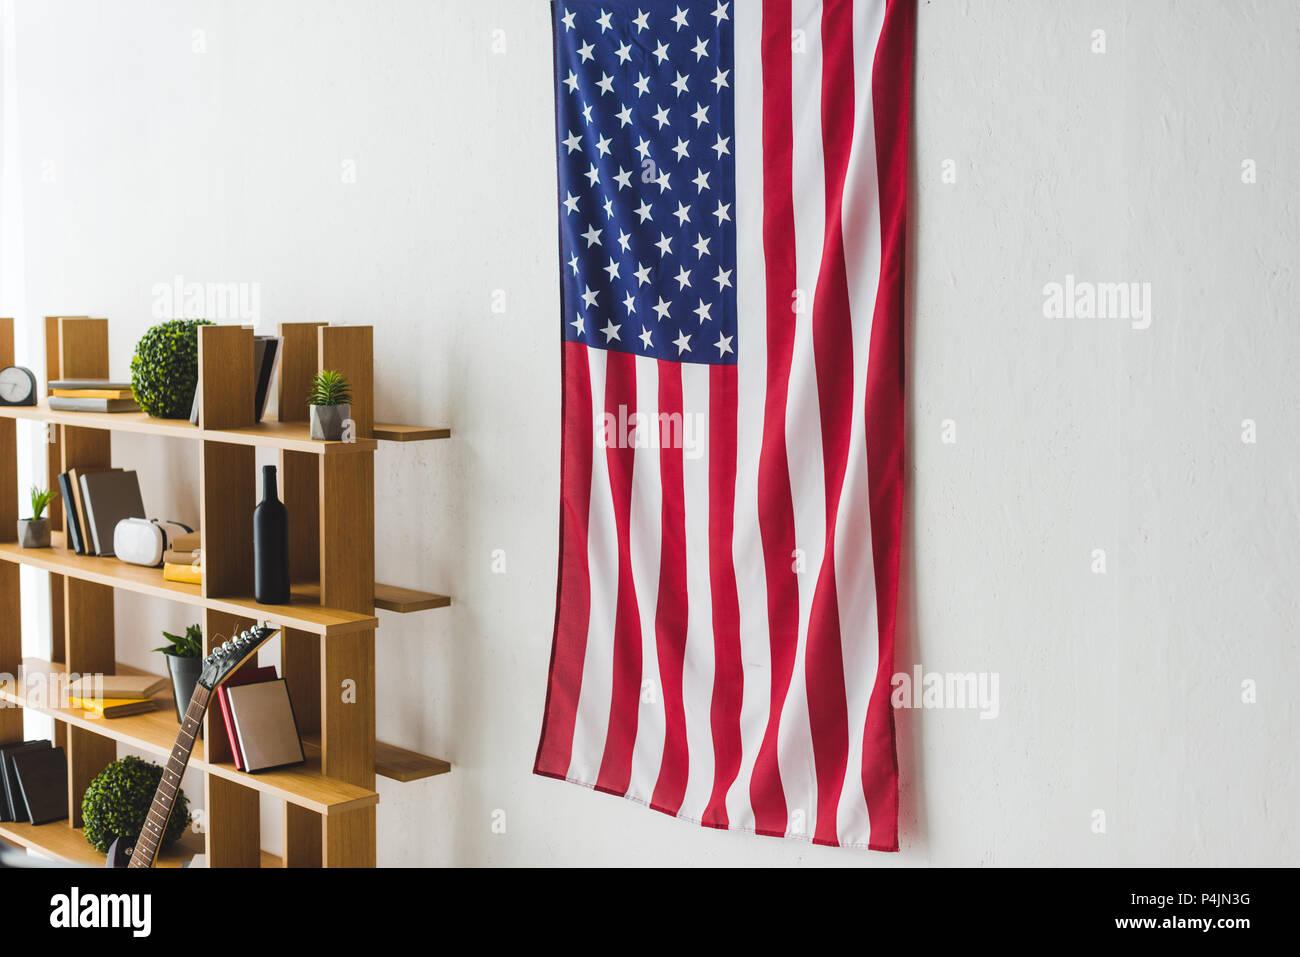 Amerikanische Flagge Aufhängen An Der Wand Im Wohnzimmer Stockfoto